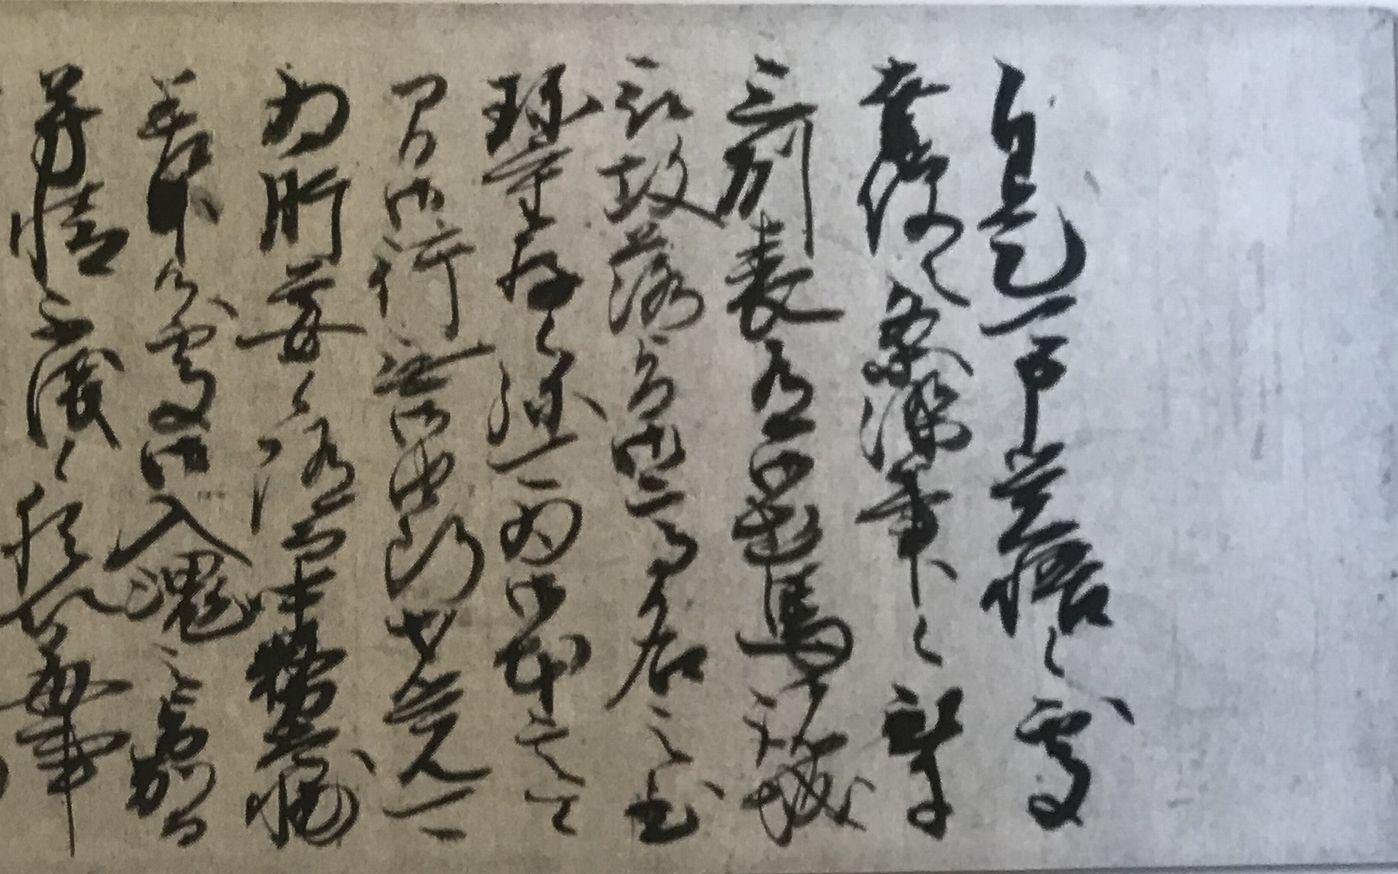 長篠前夜に六角義賢が武田勝頼へ宛てた書状a